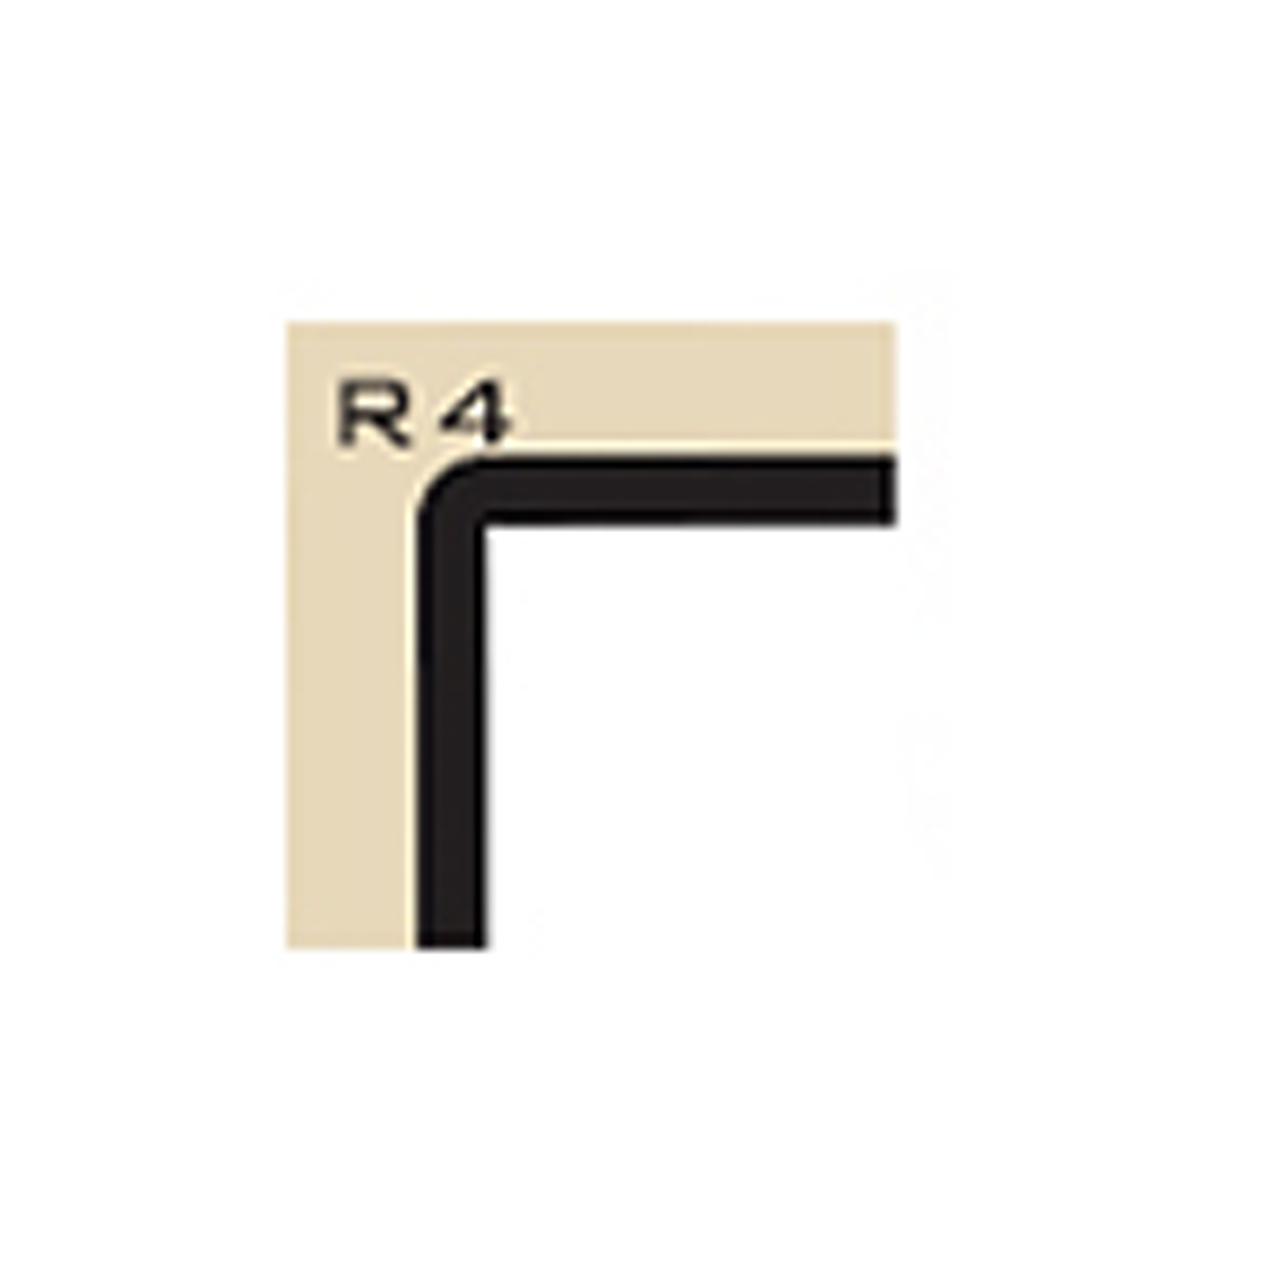 Stanze R4 für REGUR® Trimmit Eckenstanzer